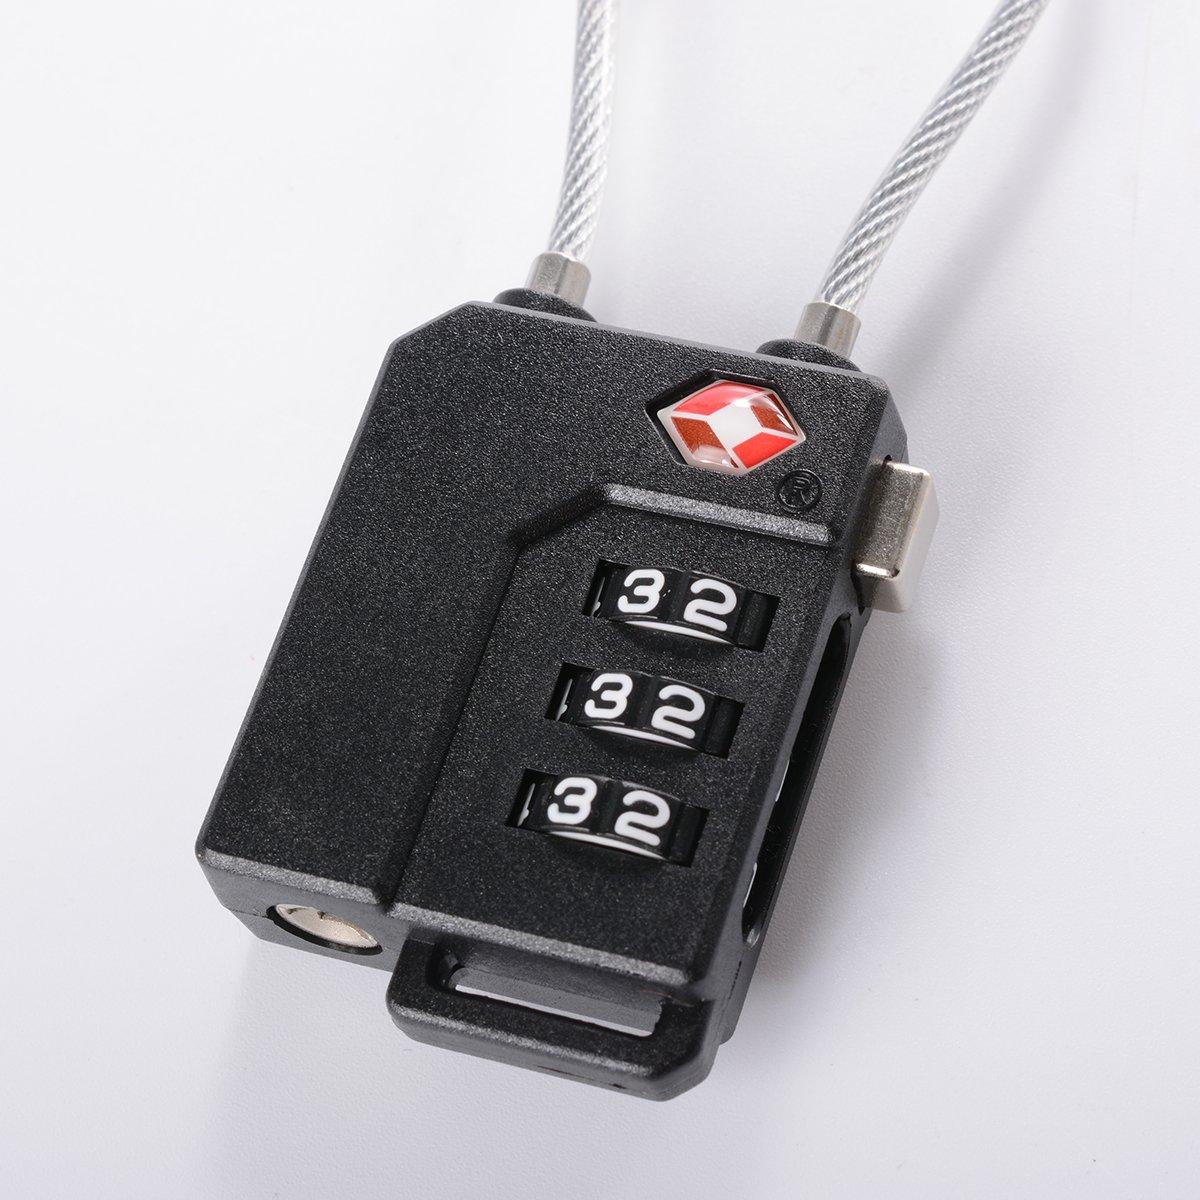 XCSOURCE 2Pcs Verrou Valise Voyage /à Code de Verrouillage Combinaison de S/écurit/é Serrure /à Combinaison 3 Chiffres Noir TSA HS268